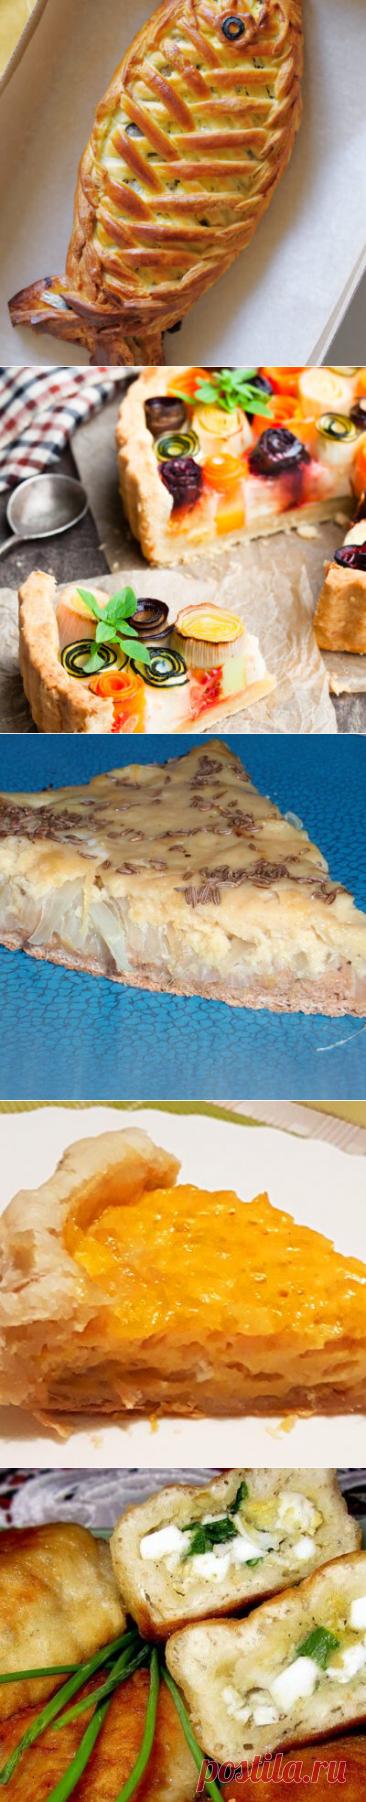 Луковые пироги, 12 рецептов с фото - ФотоРецепт